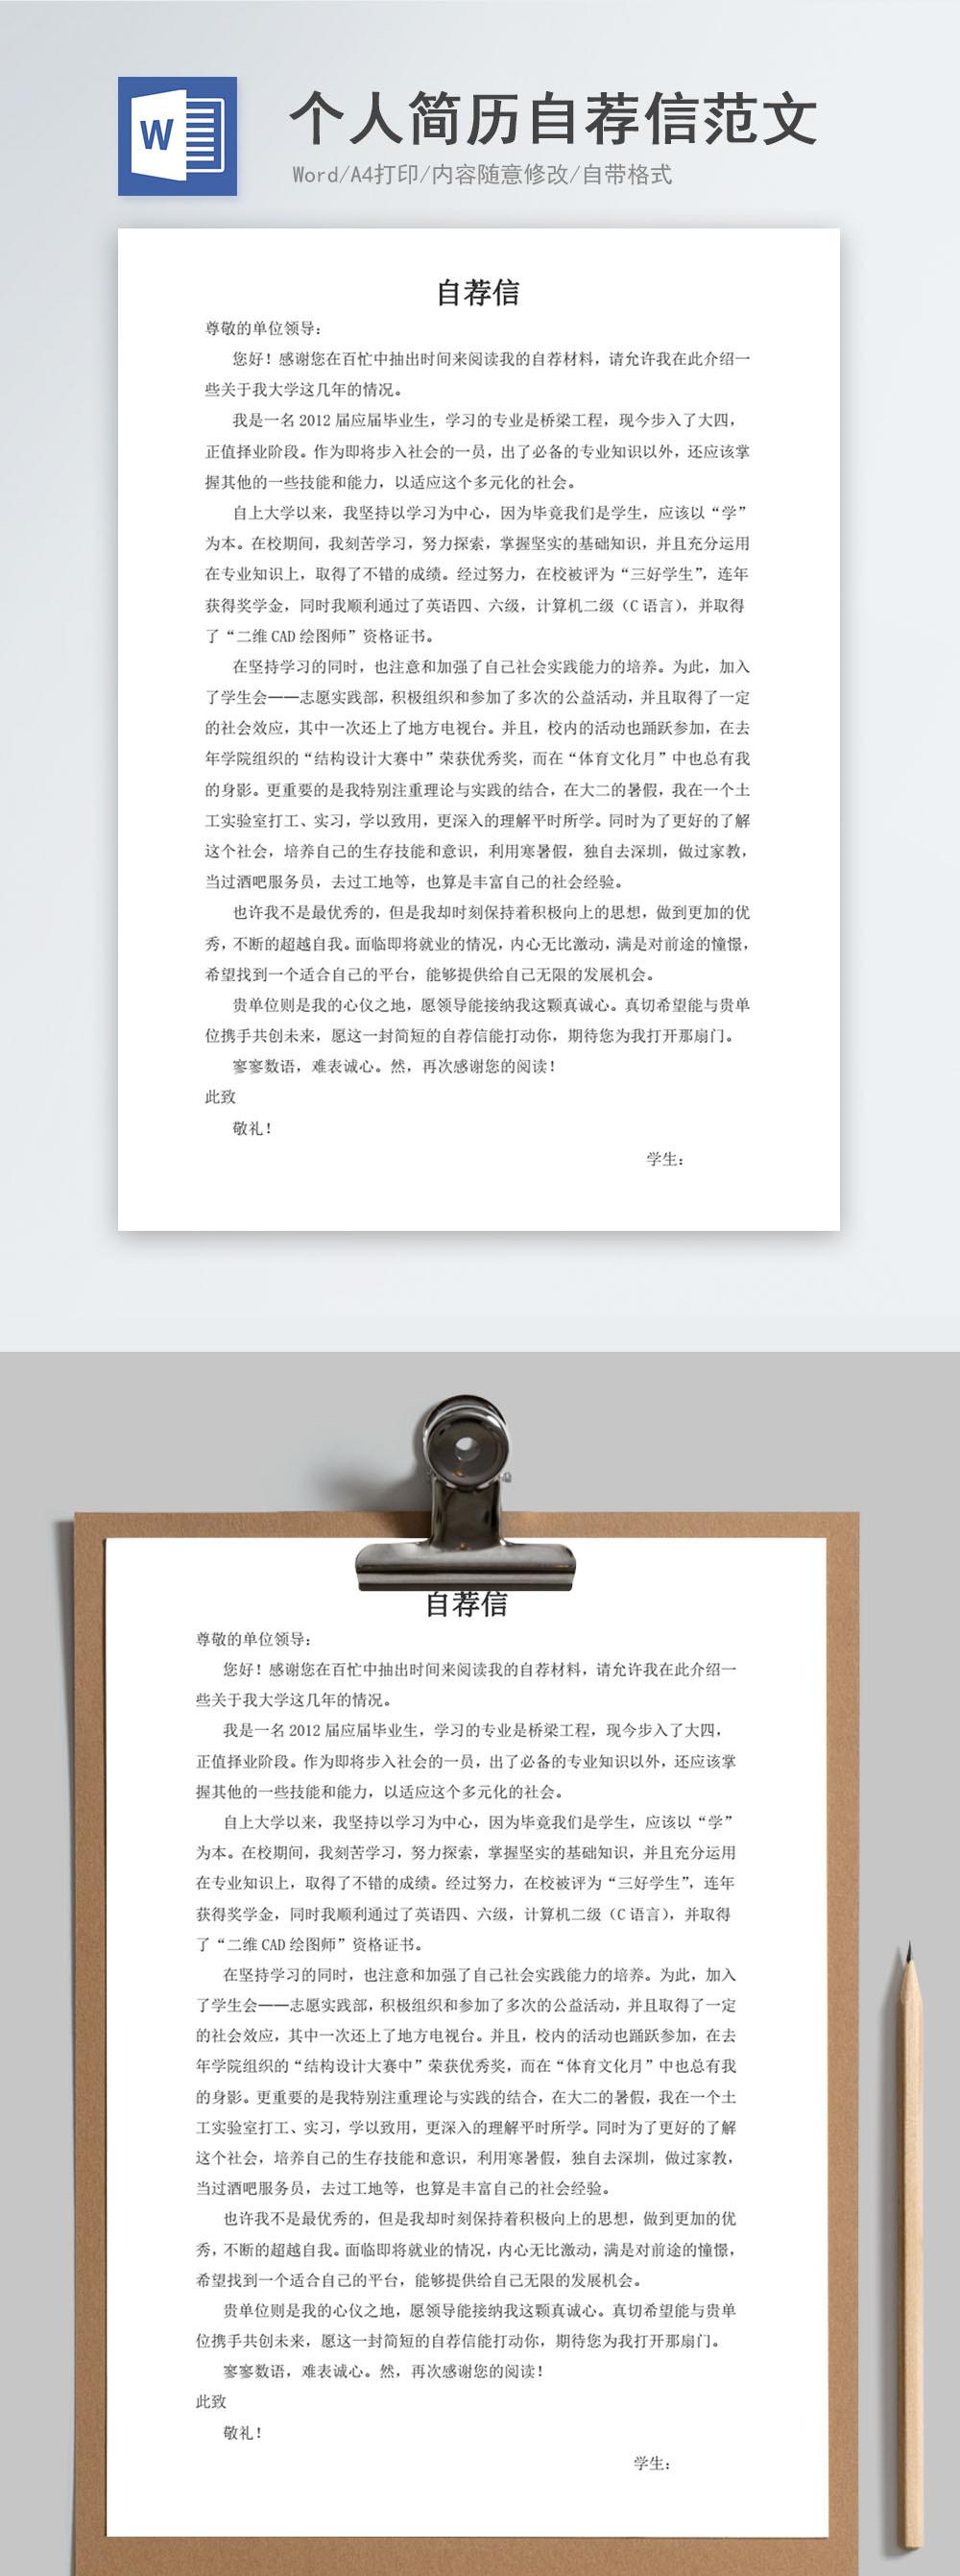 个人简历自荐信范文word文档图片